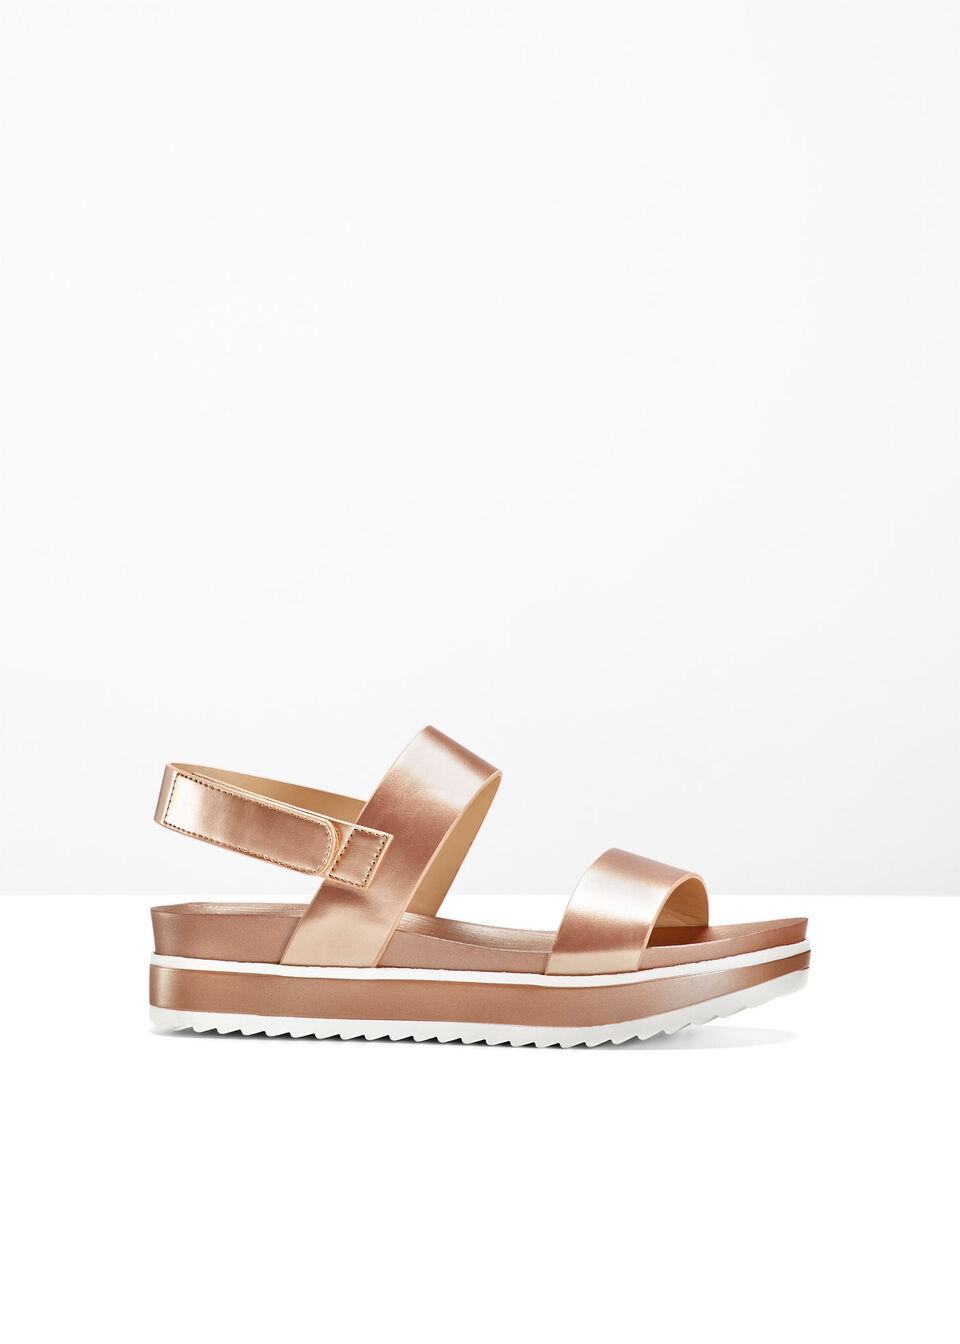 Sandały na podeszwie platformie bonprix różowy metaliczny